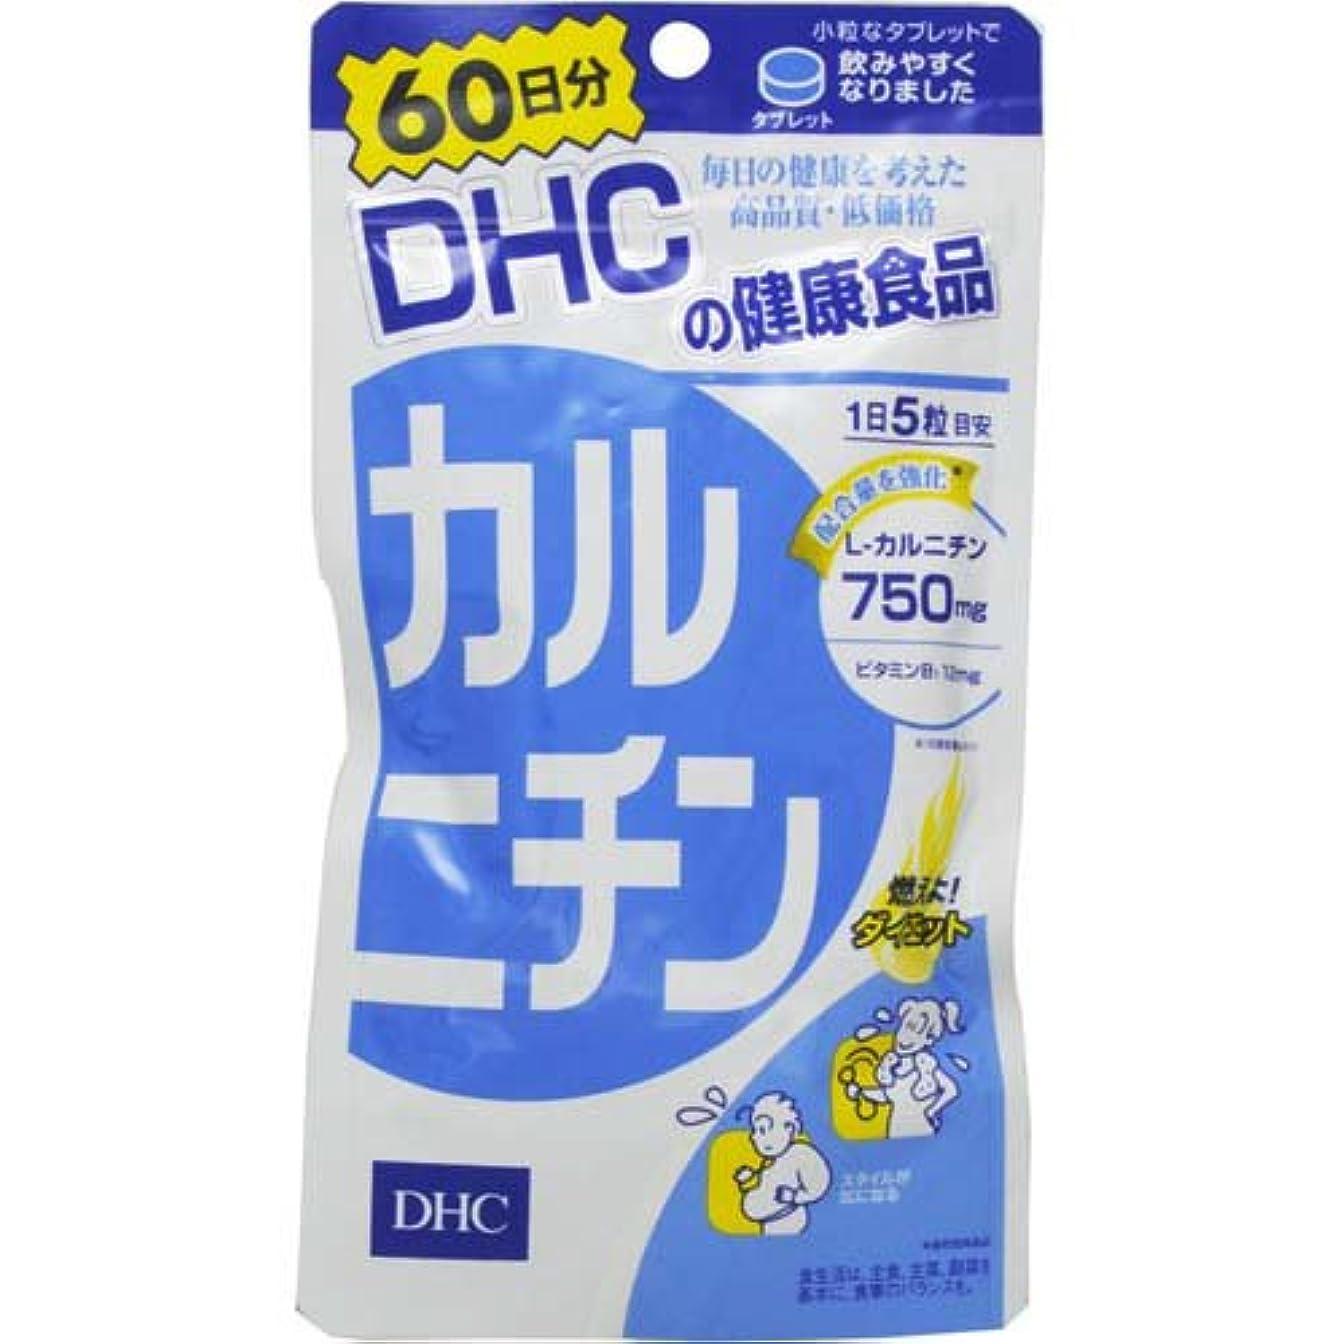 砂の断線接尾辞DHC カルニチン 60日分 300粒